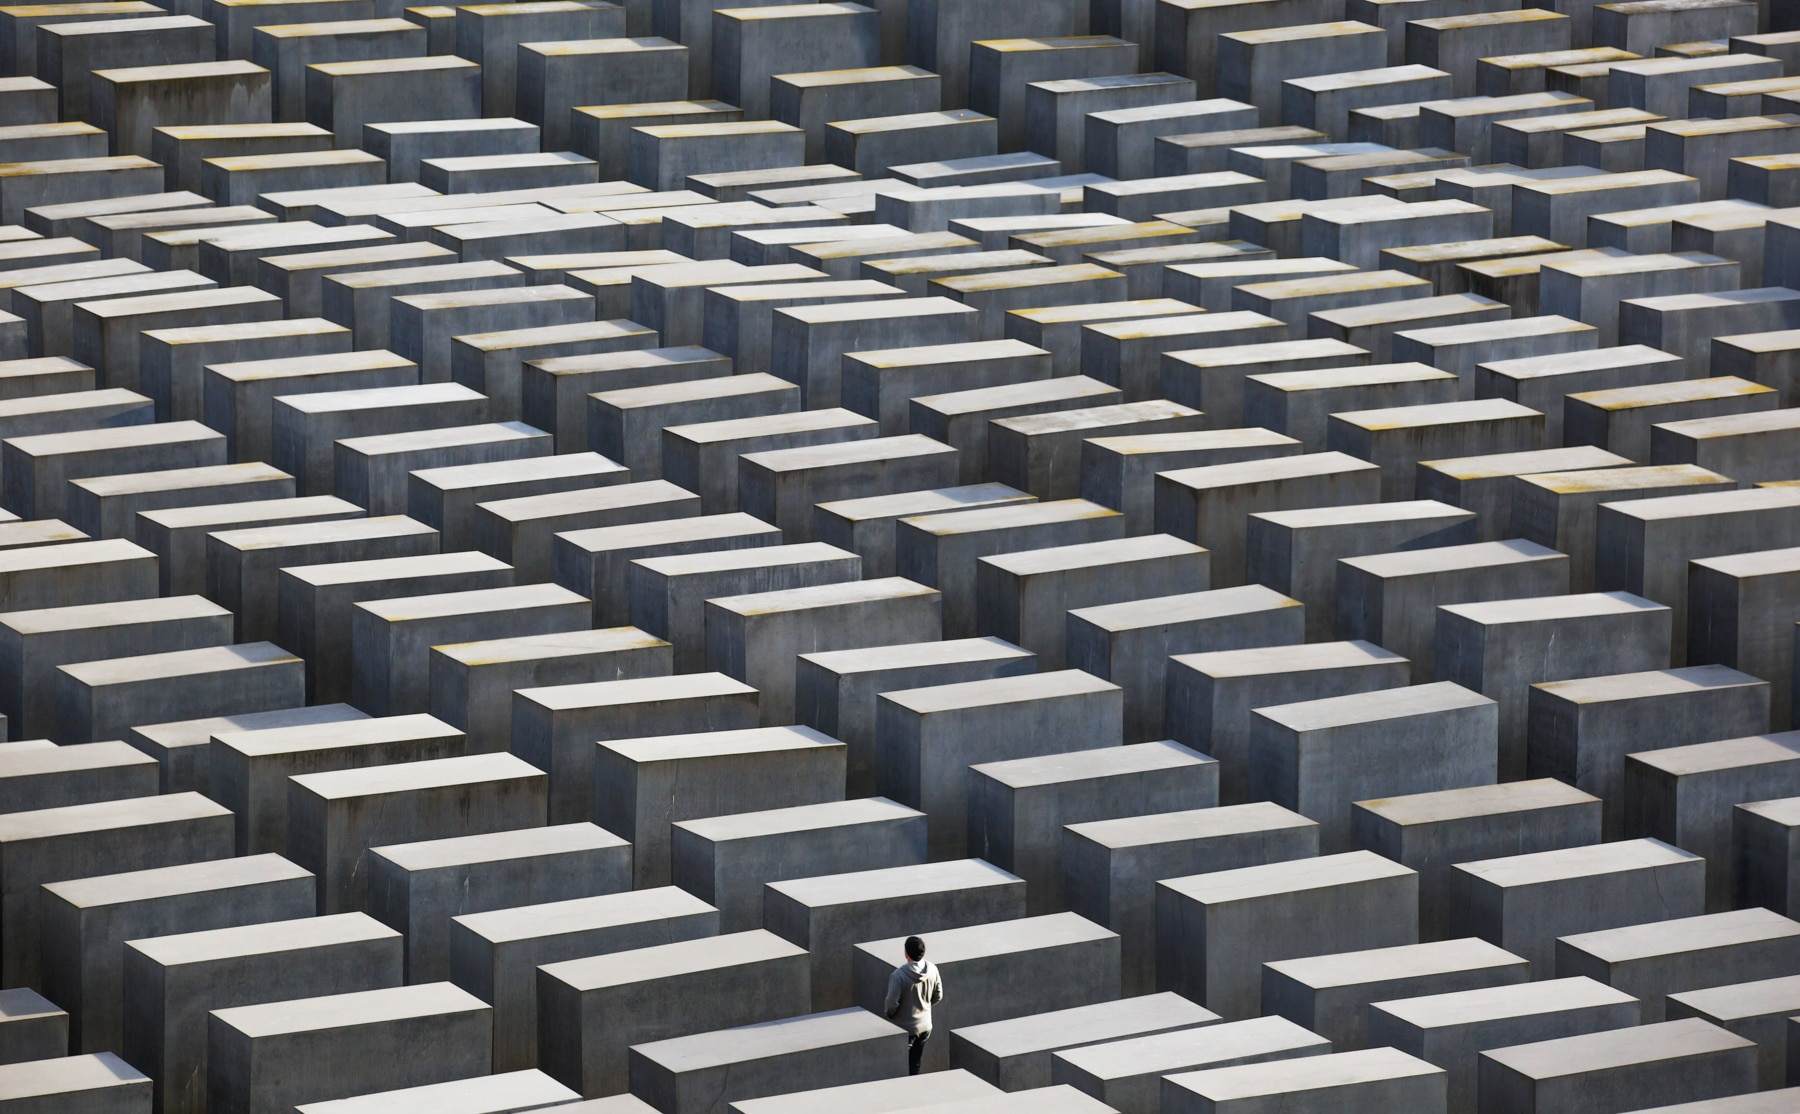 Un homme marchant entre des stèles en béton au Mémorial aux Juifs assassinés d'Europe, à Berlin (© Thomas Trutschel/Photothek via Getty Images)